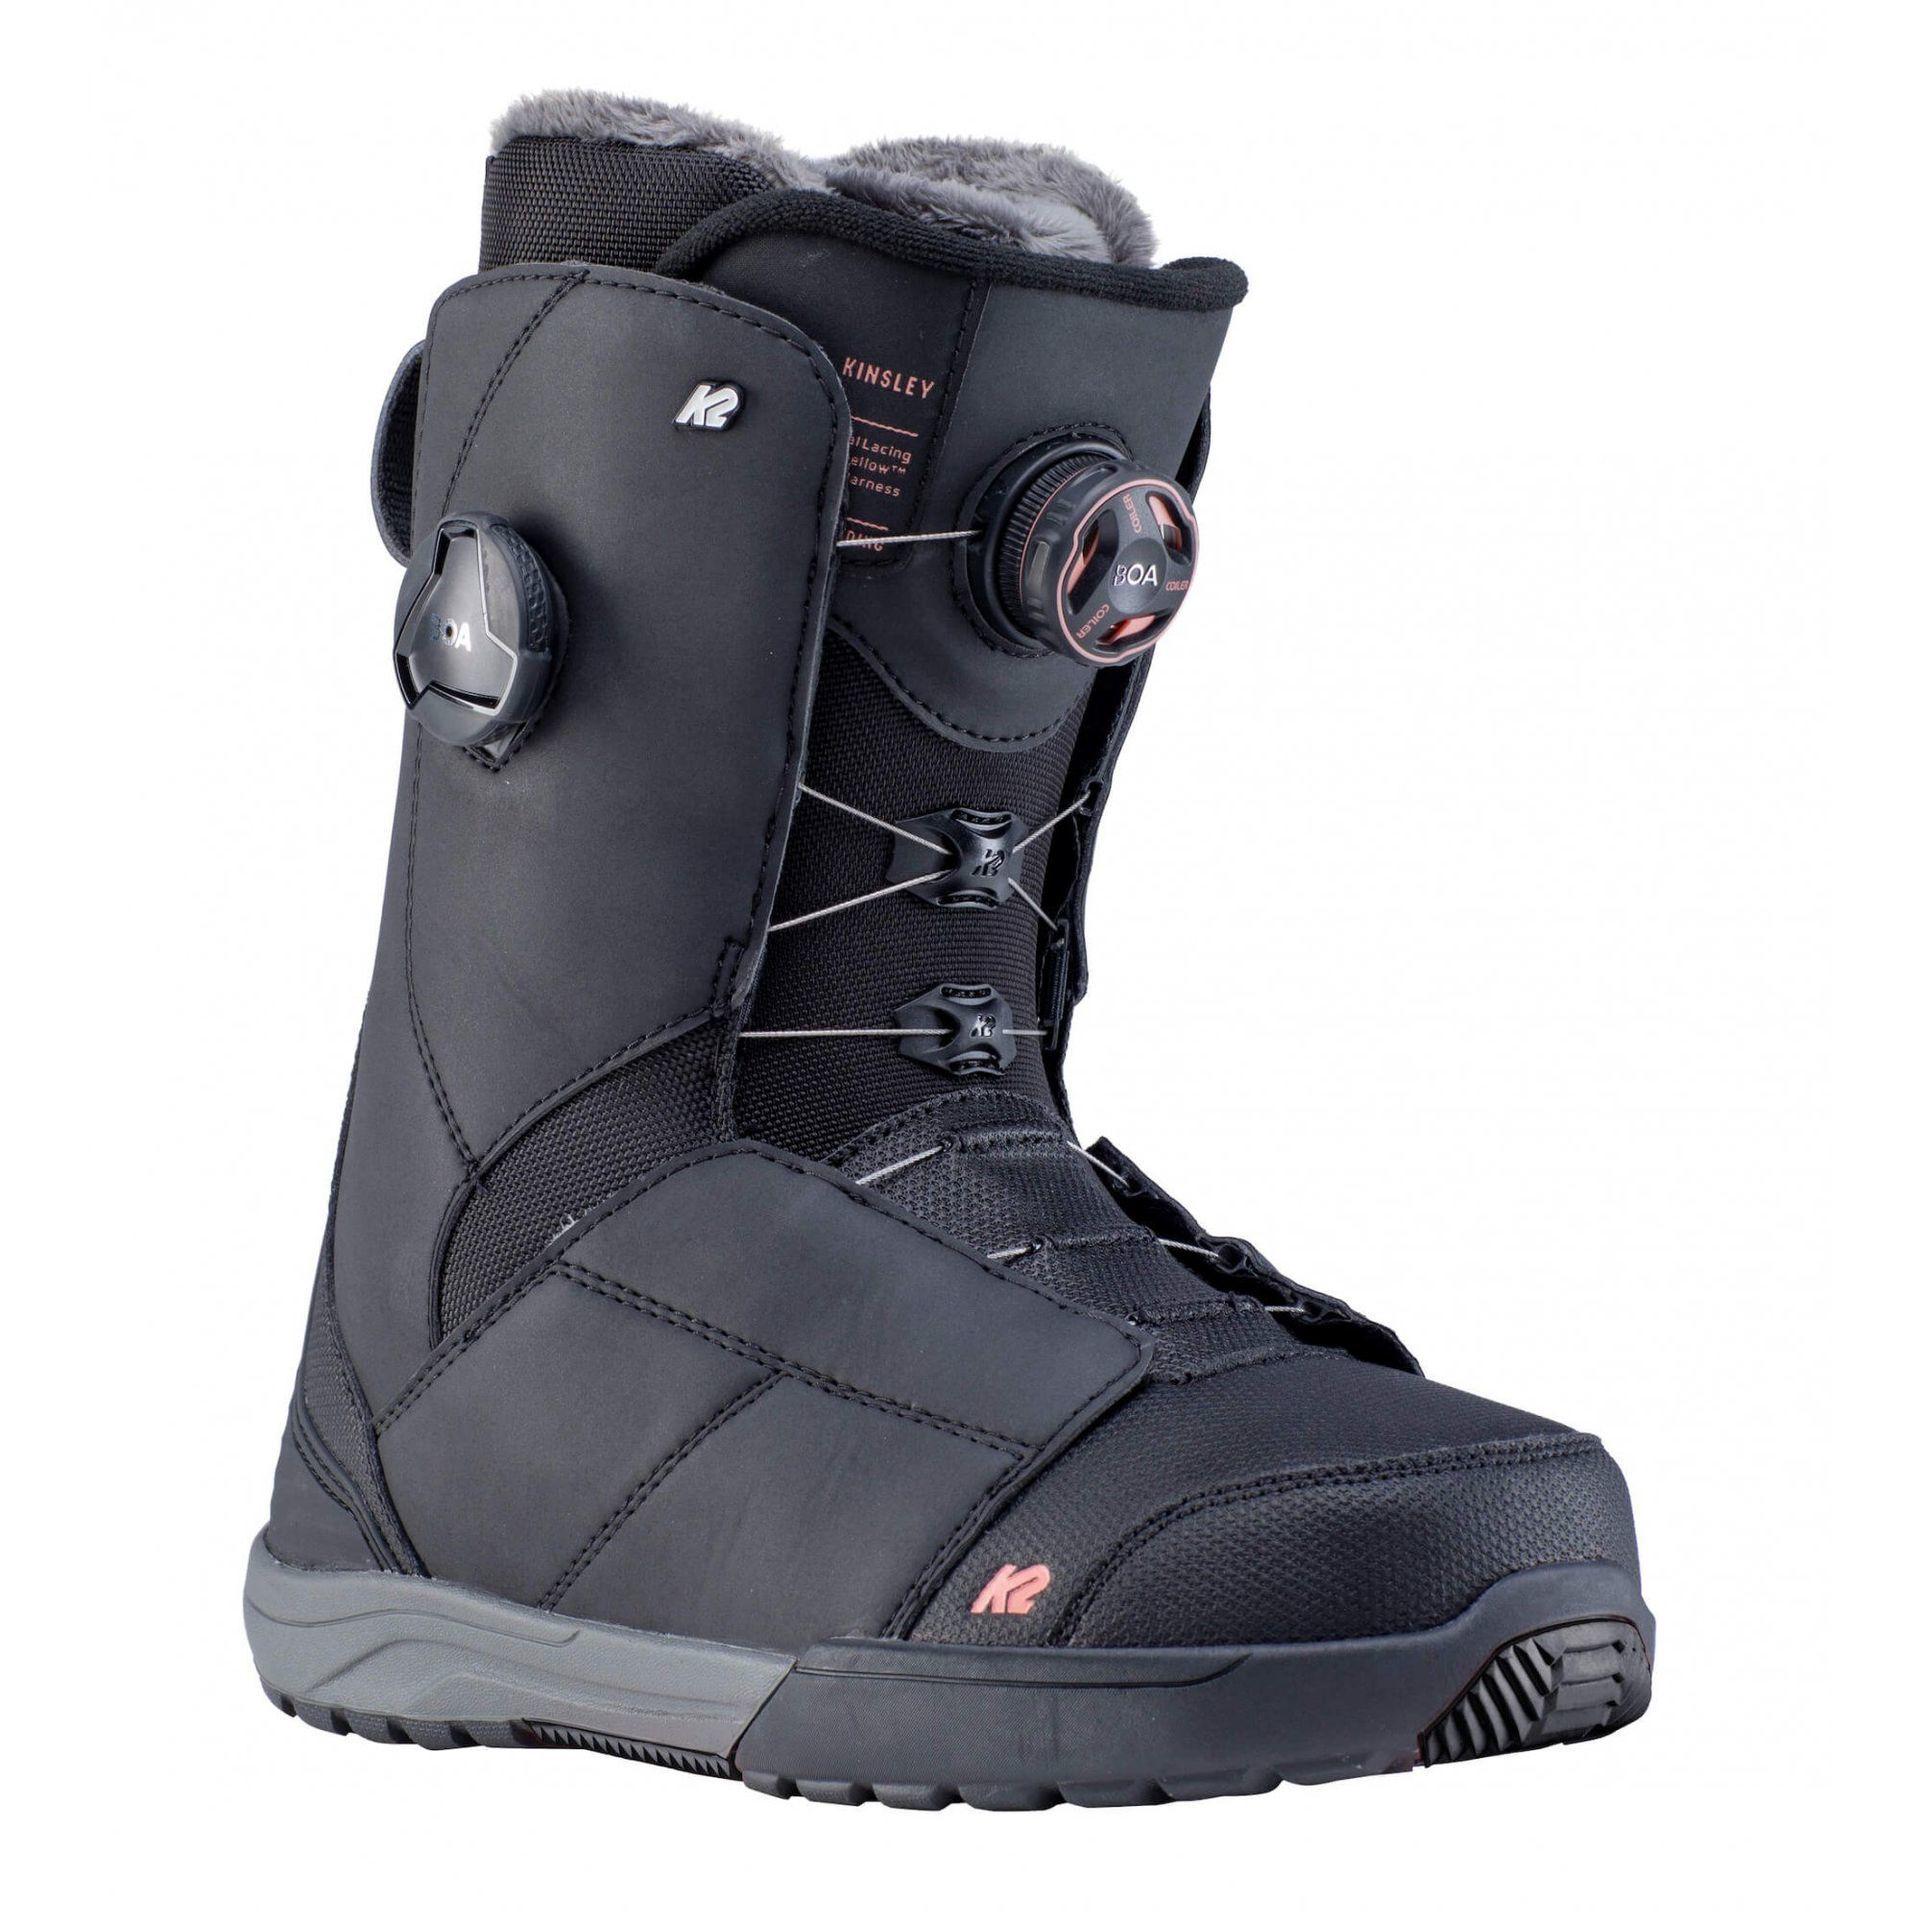 BUTY SNOWBOARDOWE K2 KINSLEY 11D2015 11 BLACK 1